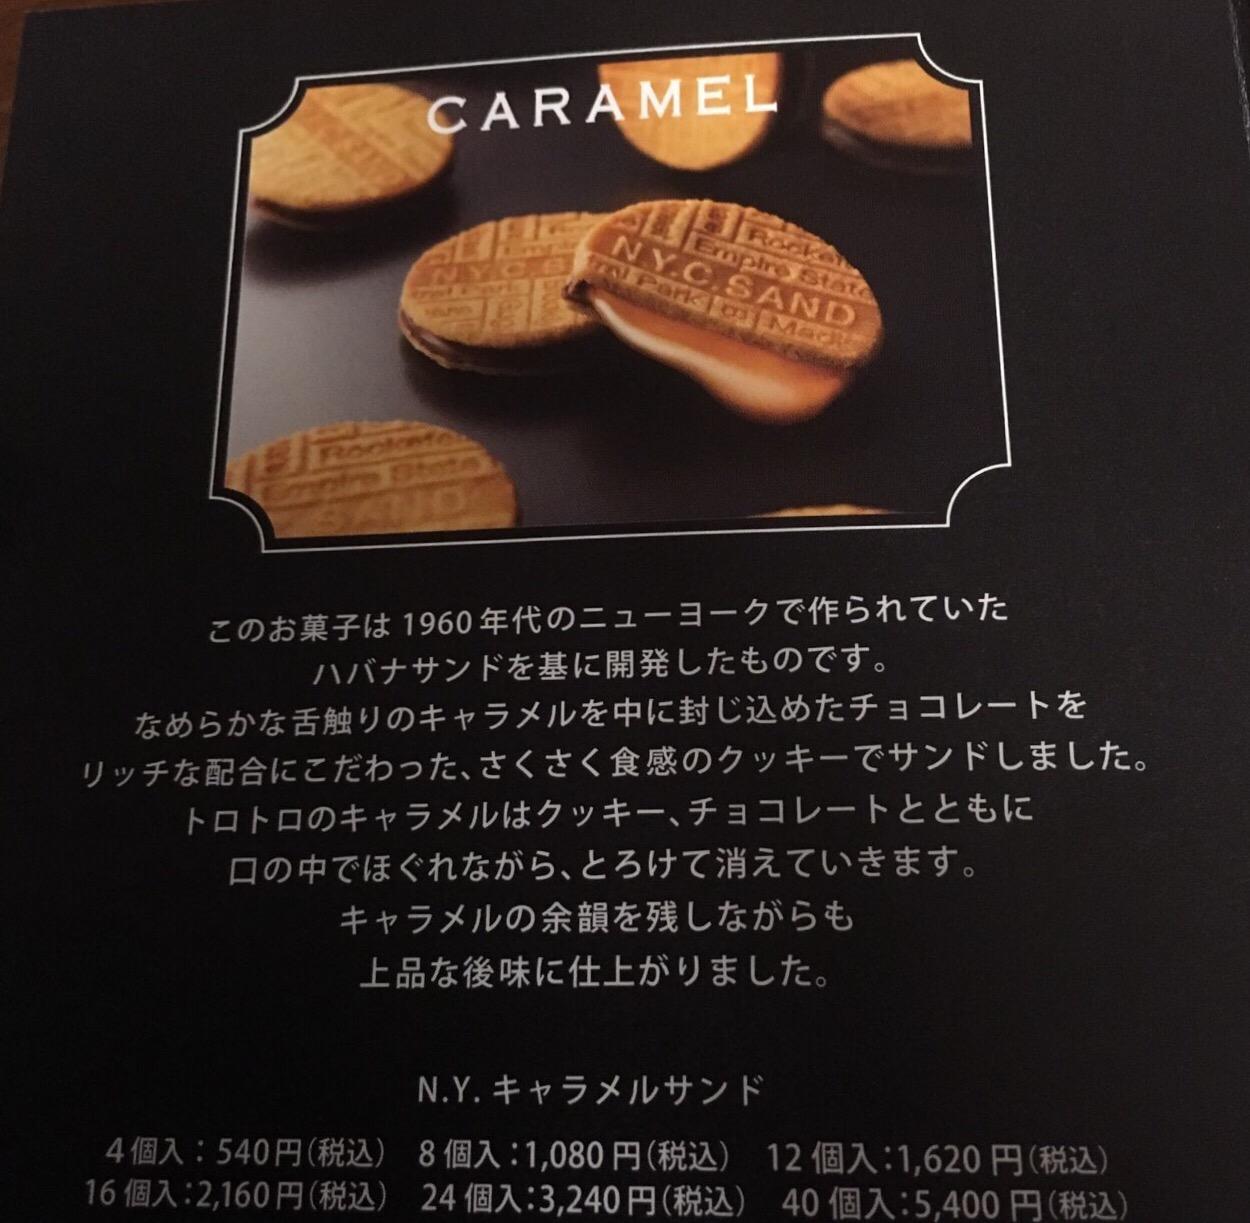 【お土産】東京駅直結の大丸「N.Y.C.サンド」のキャラメルサンド(行列ができる店)